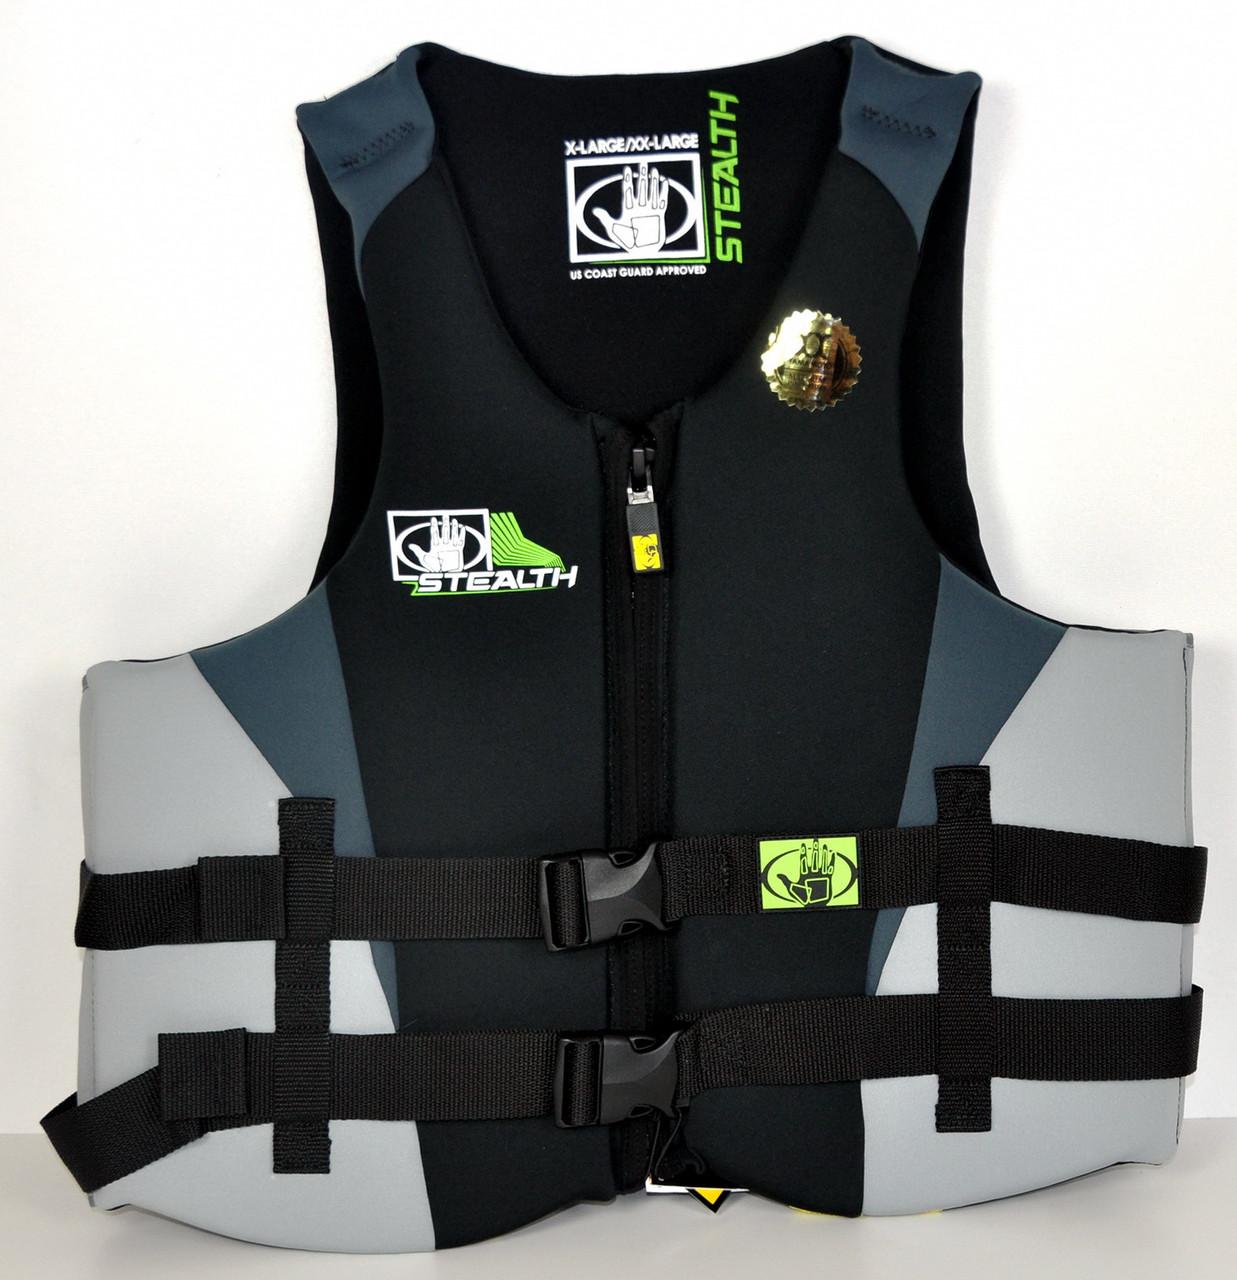 Спасательный жилет водный BodyGlove неопрен XS/S Stealth черно-серый для лодки, катера, яхты